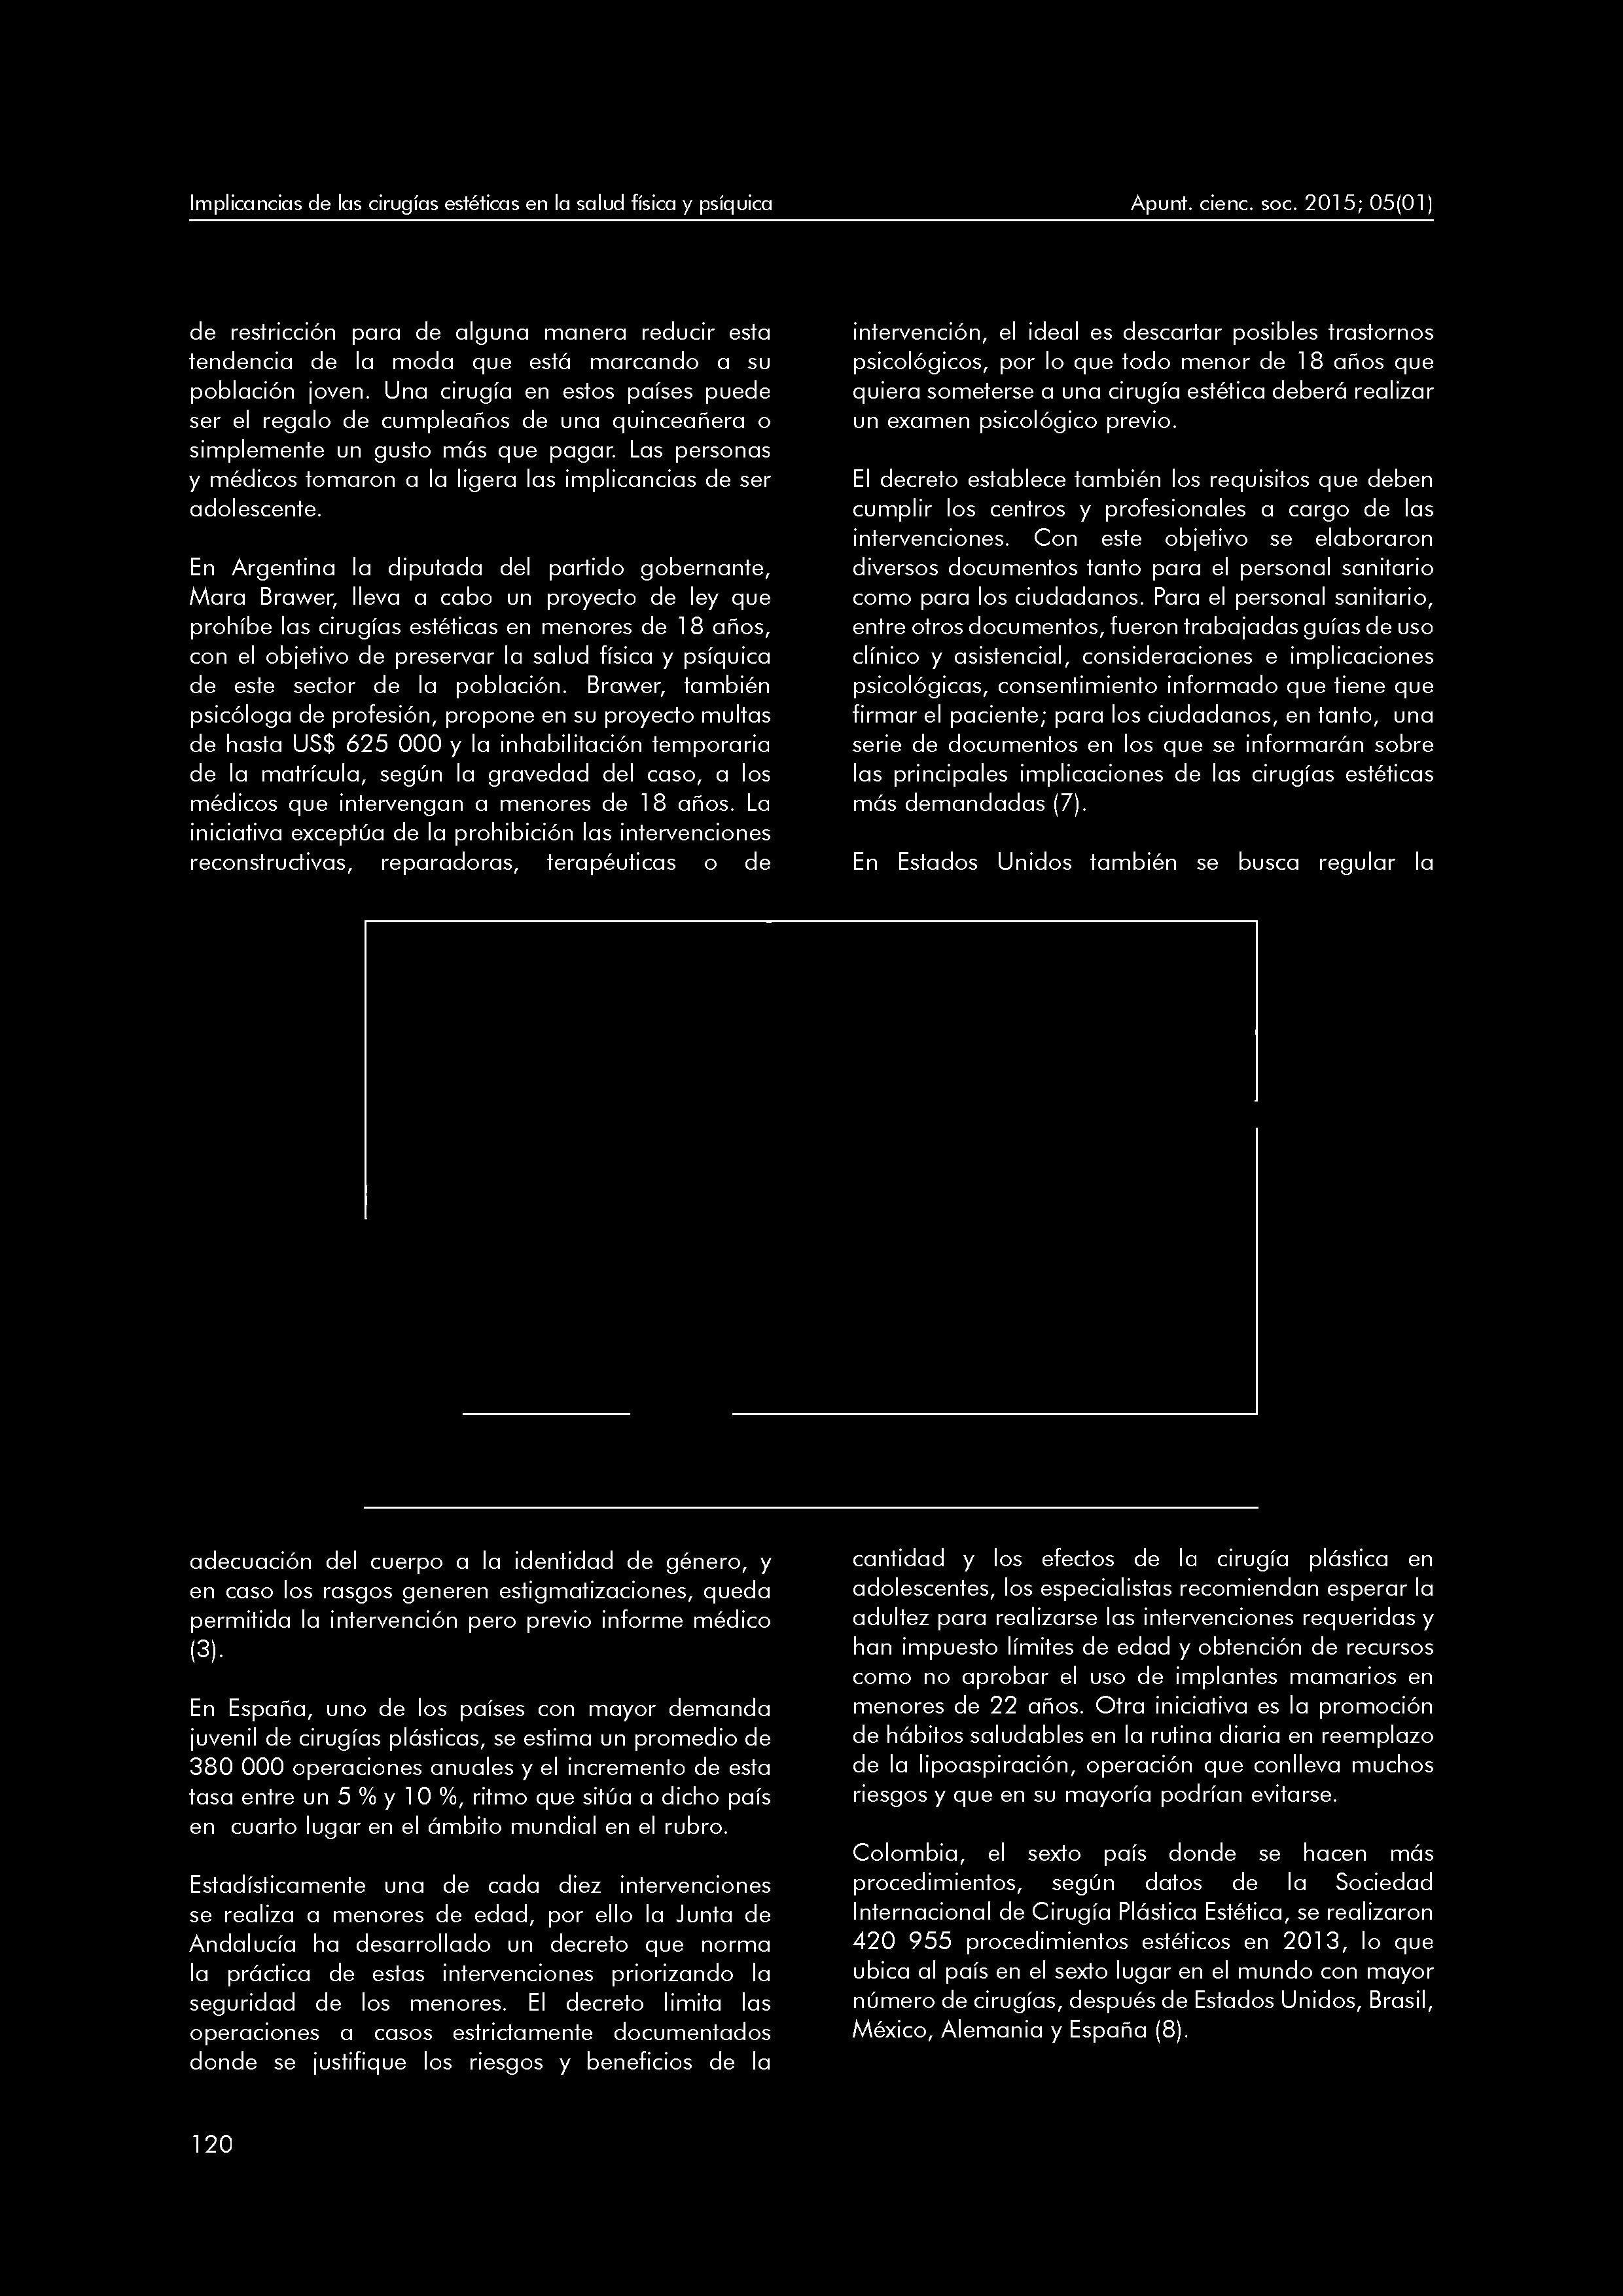 apuntes de ciencia & sociedad ISSN X Enero Junio 2015 Volum en 5 N ºm ero 1 PDF